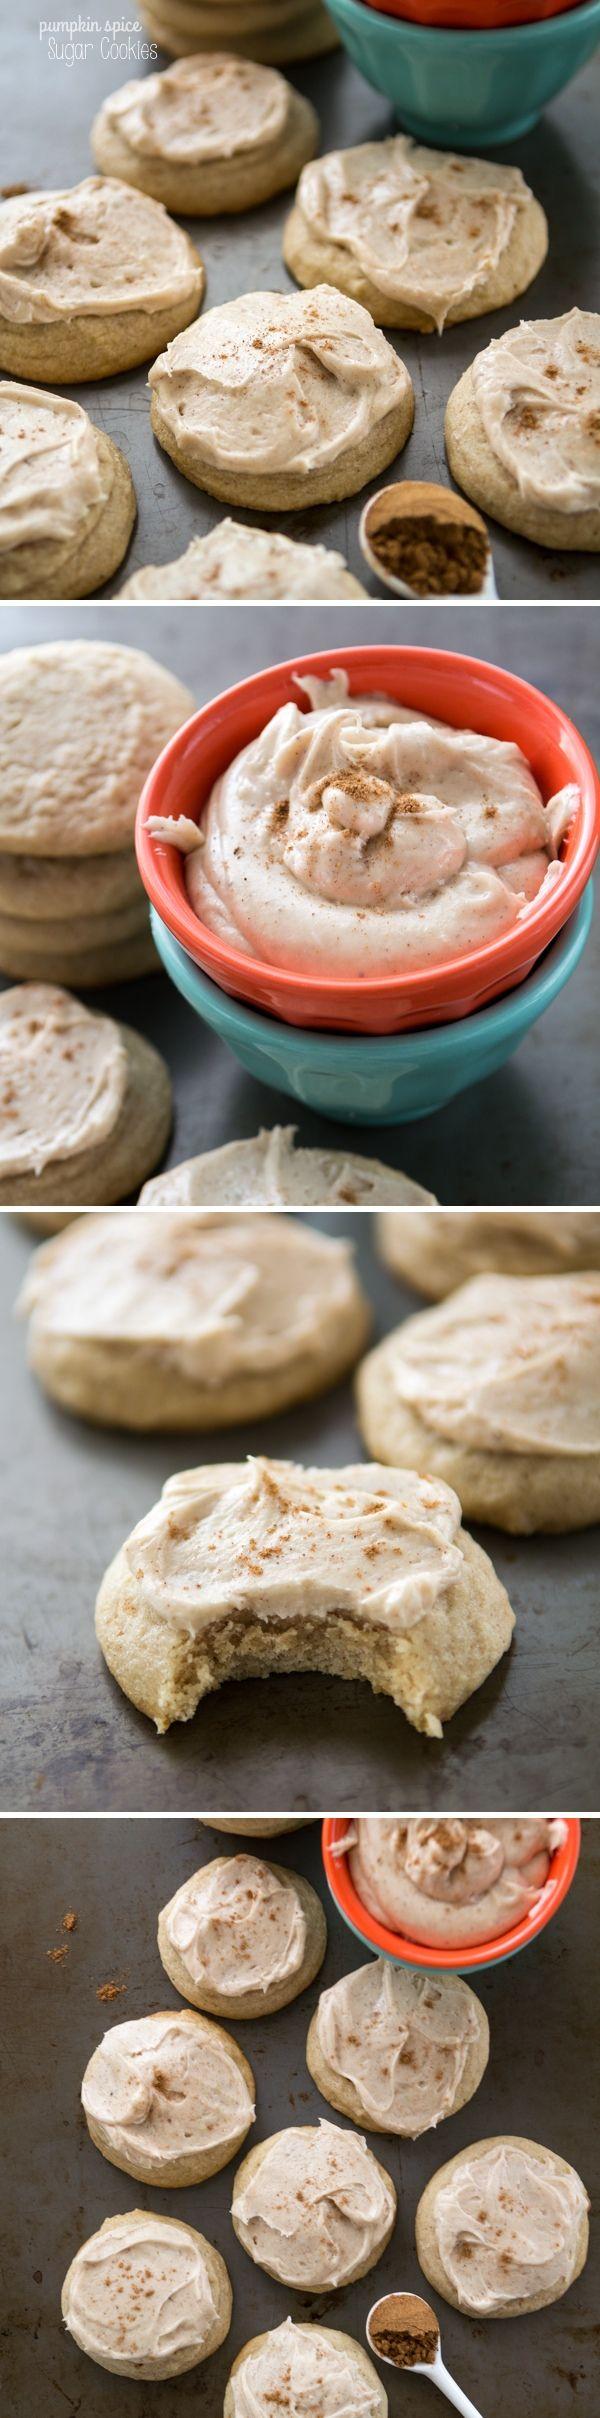 Recipe Spice  discount designer Spice Pumpkin   Spices Cookies Cookies Sugar handbags   Pumpkin and Sugar